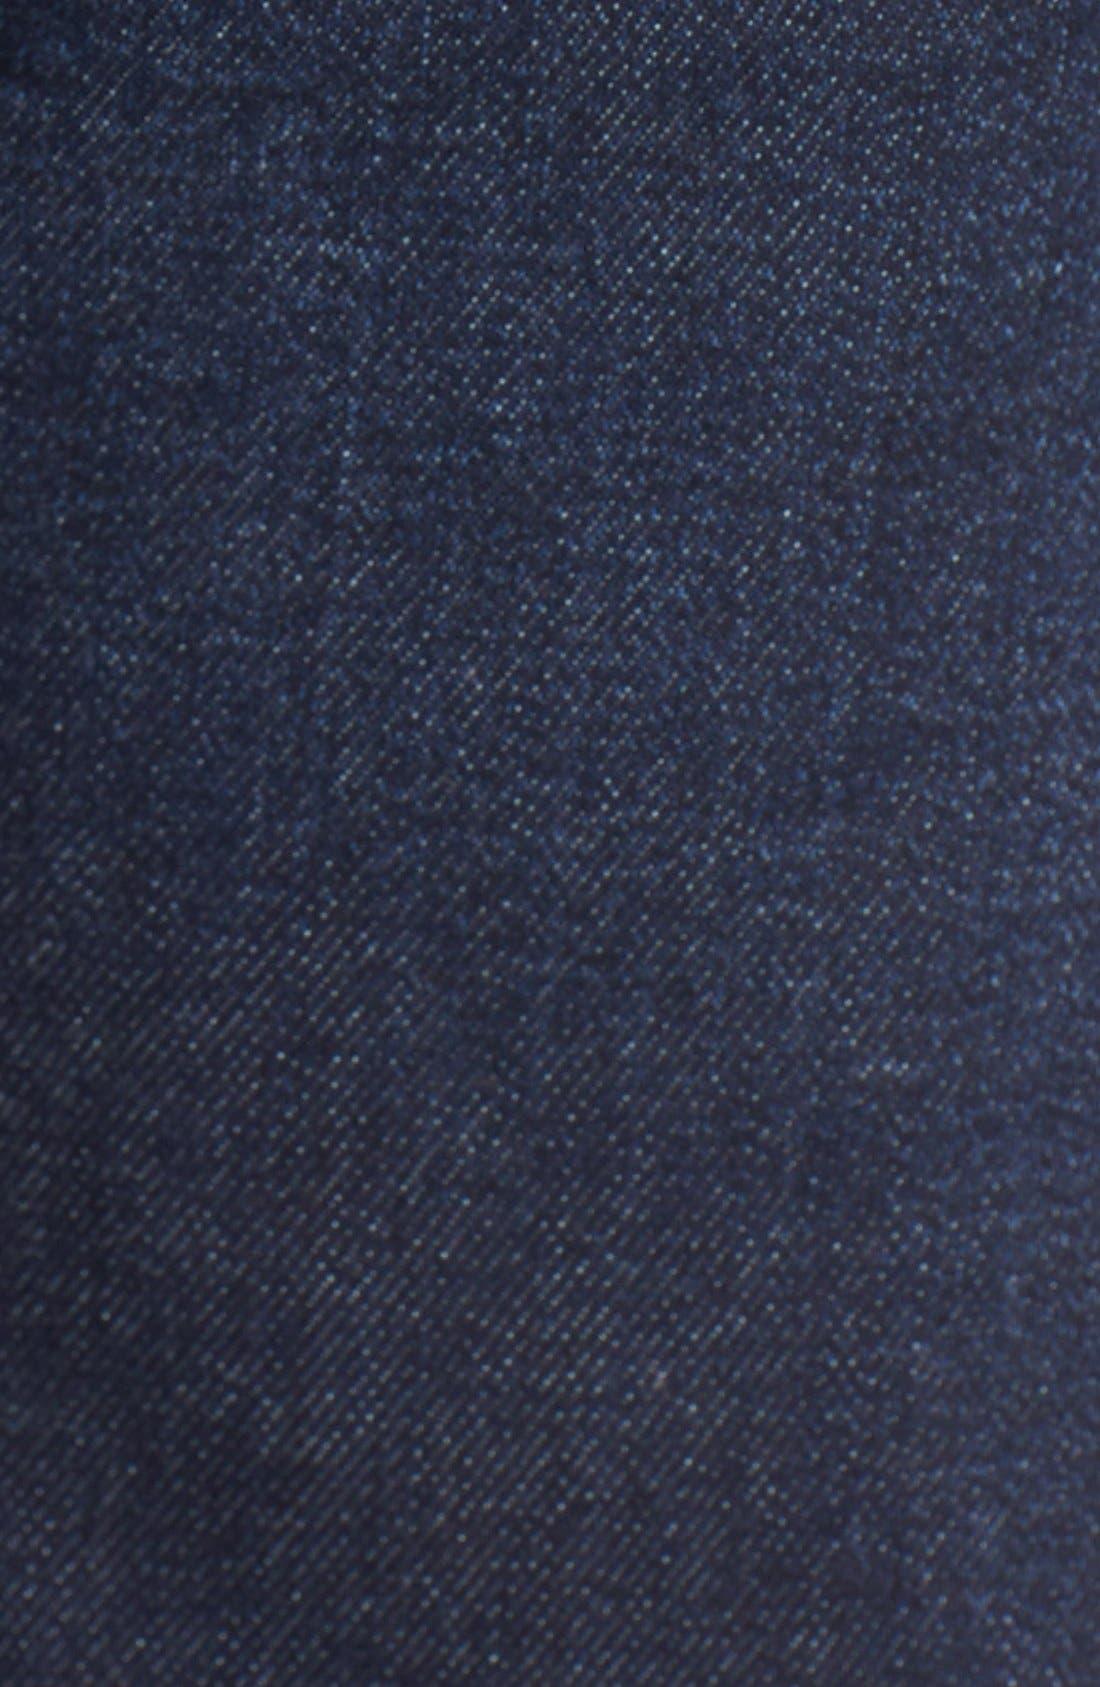 Ace Slim Fit Jeans,                             Alternate thumbnail 6, color,                             400